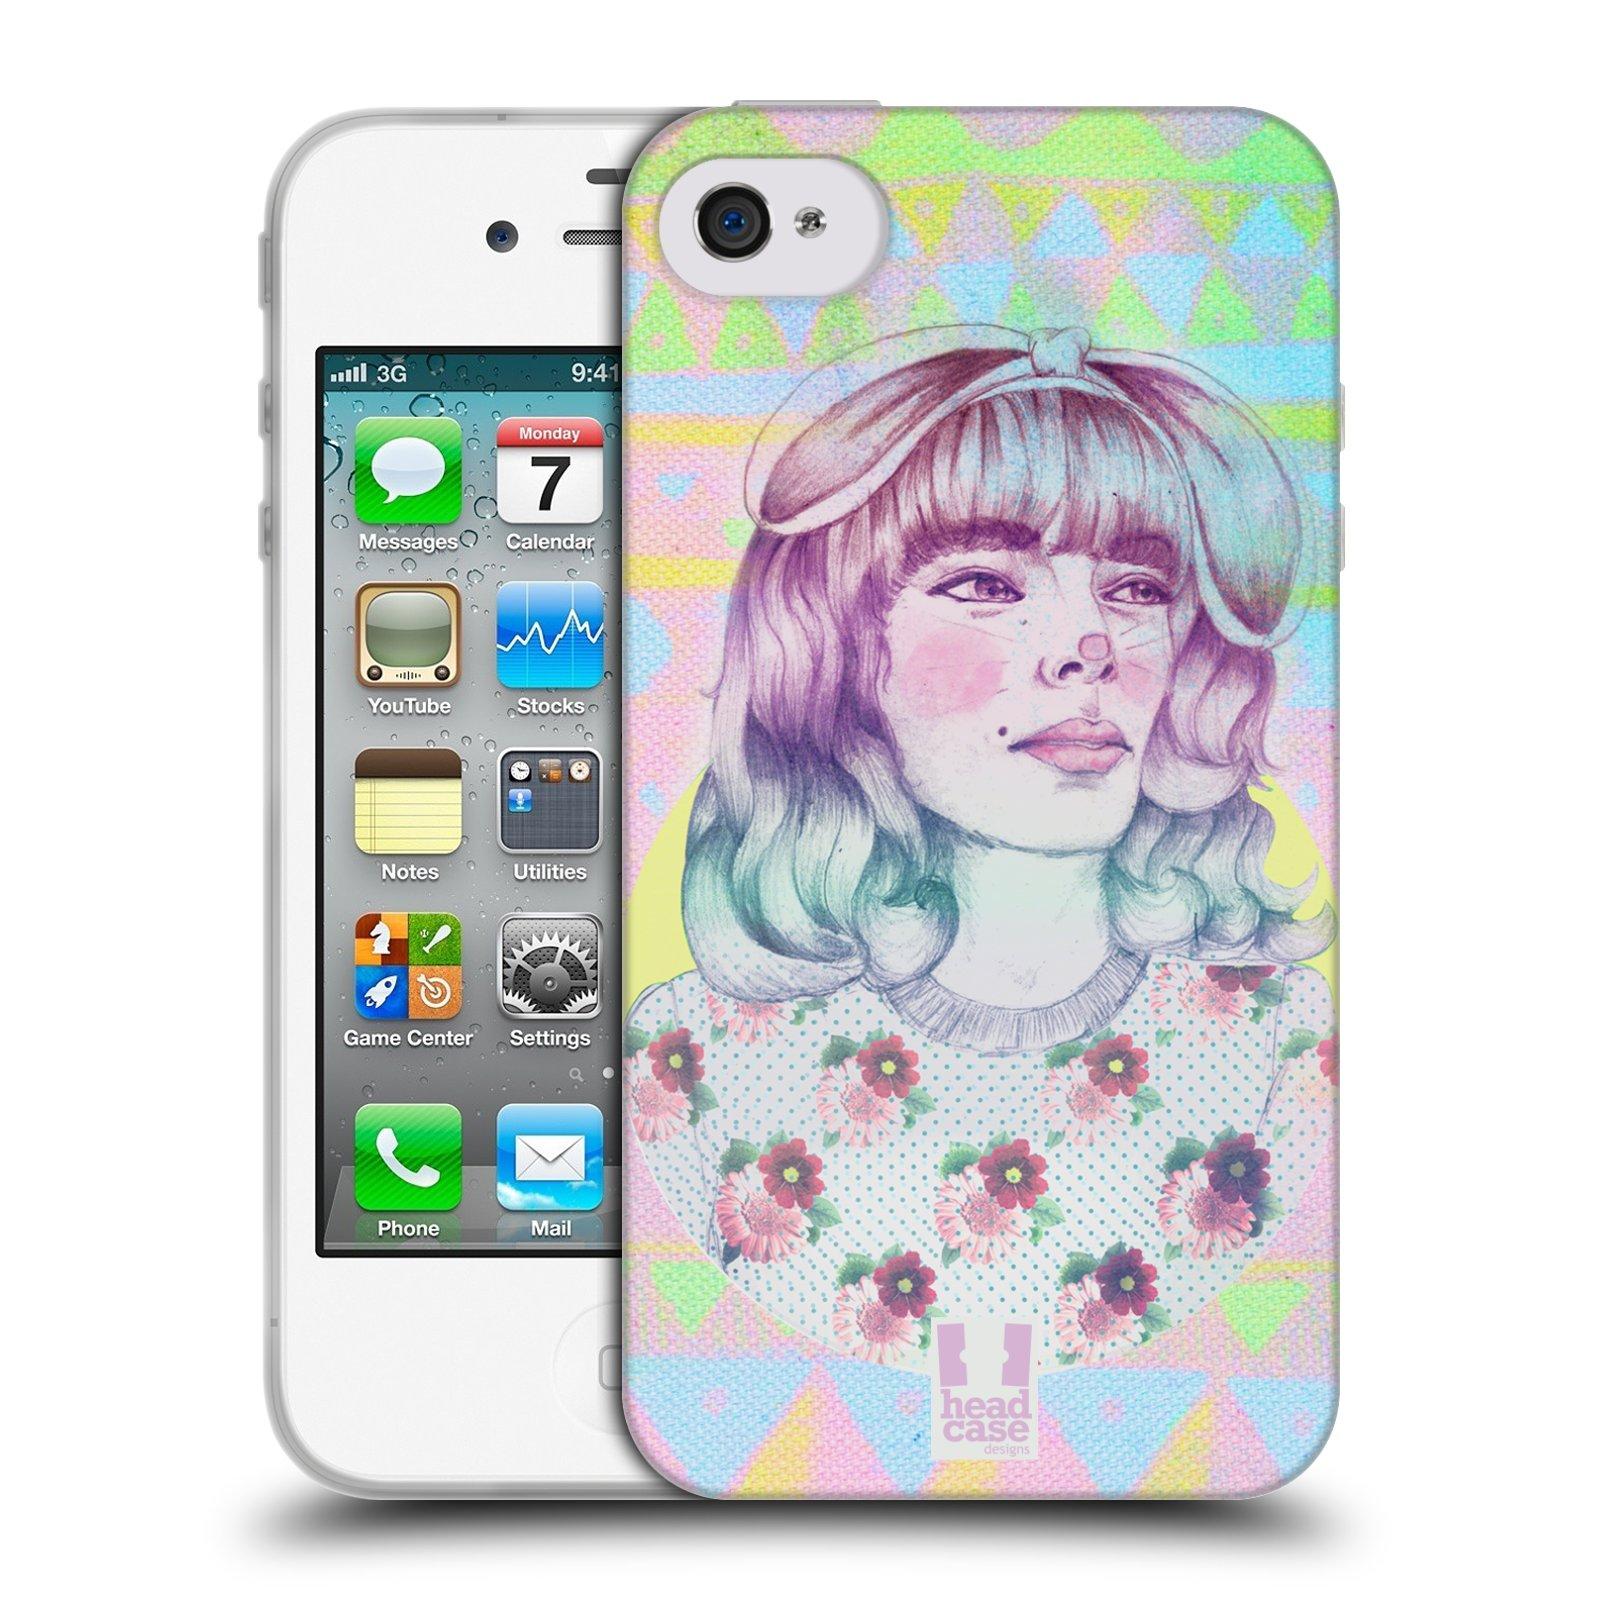 HEAD CASE silikonový obal na mobil Apple Iphone 4/4S vzor Děvče zvířecí tématika zajíček